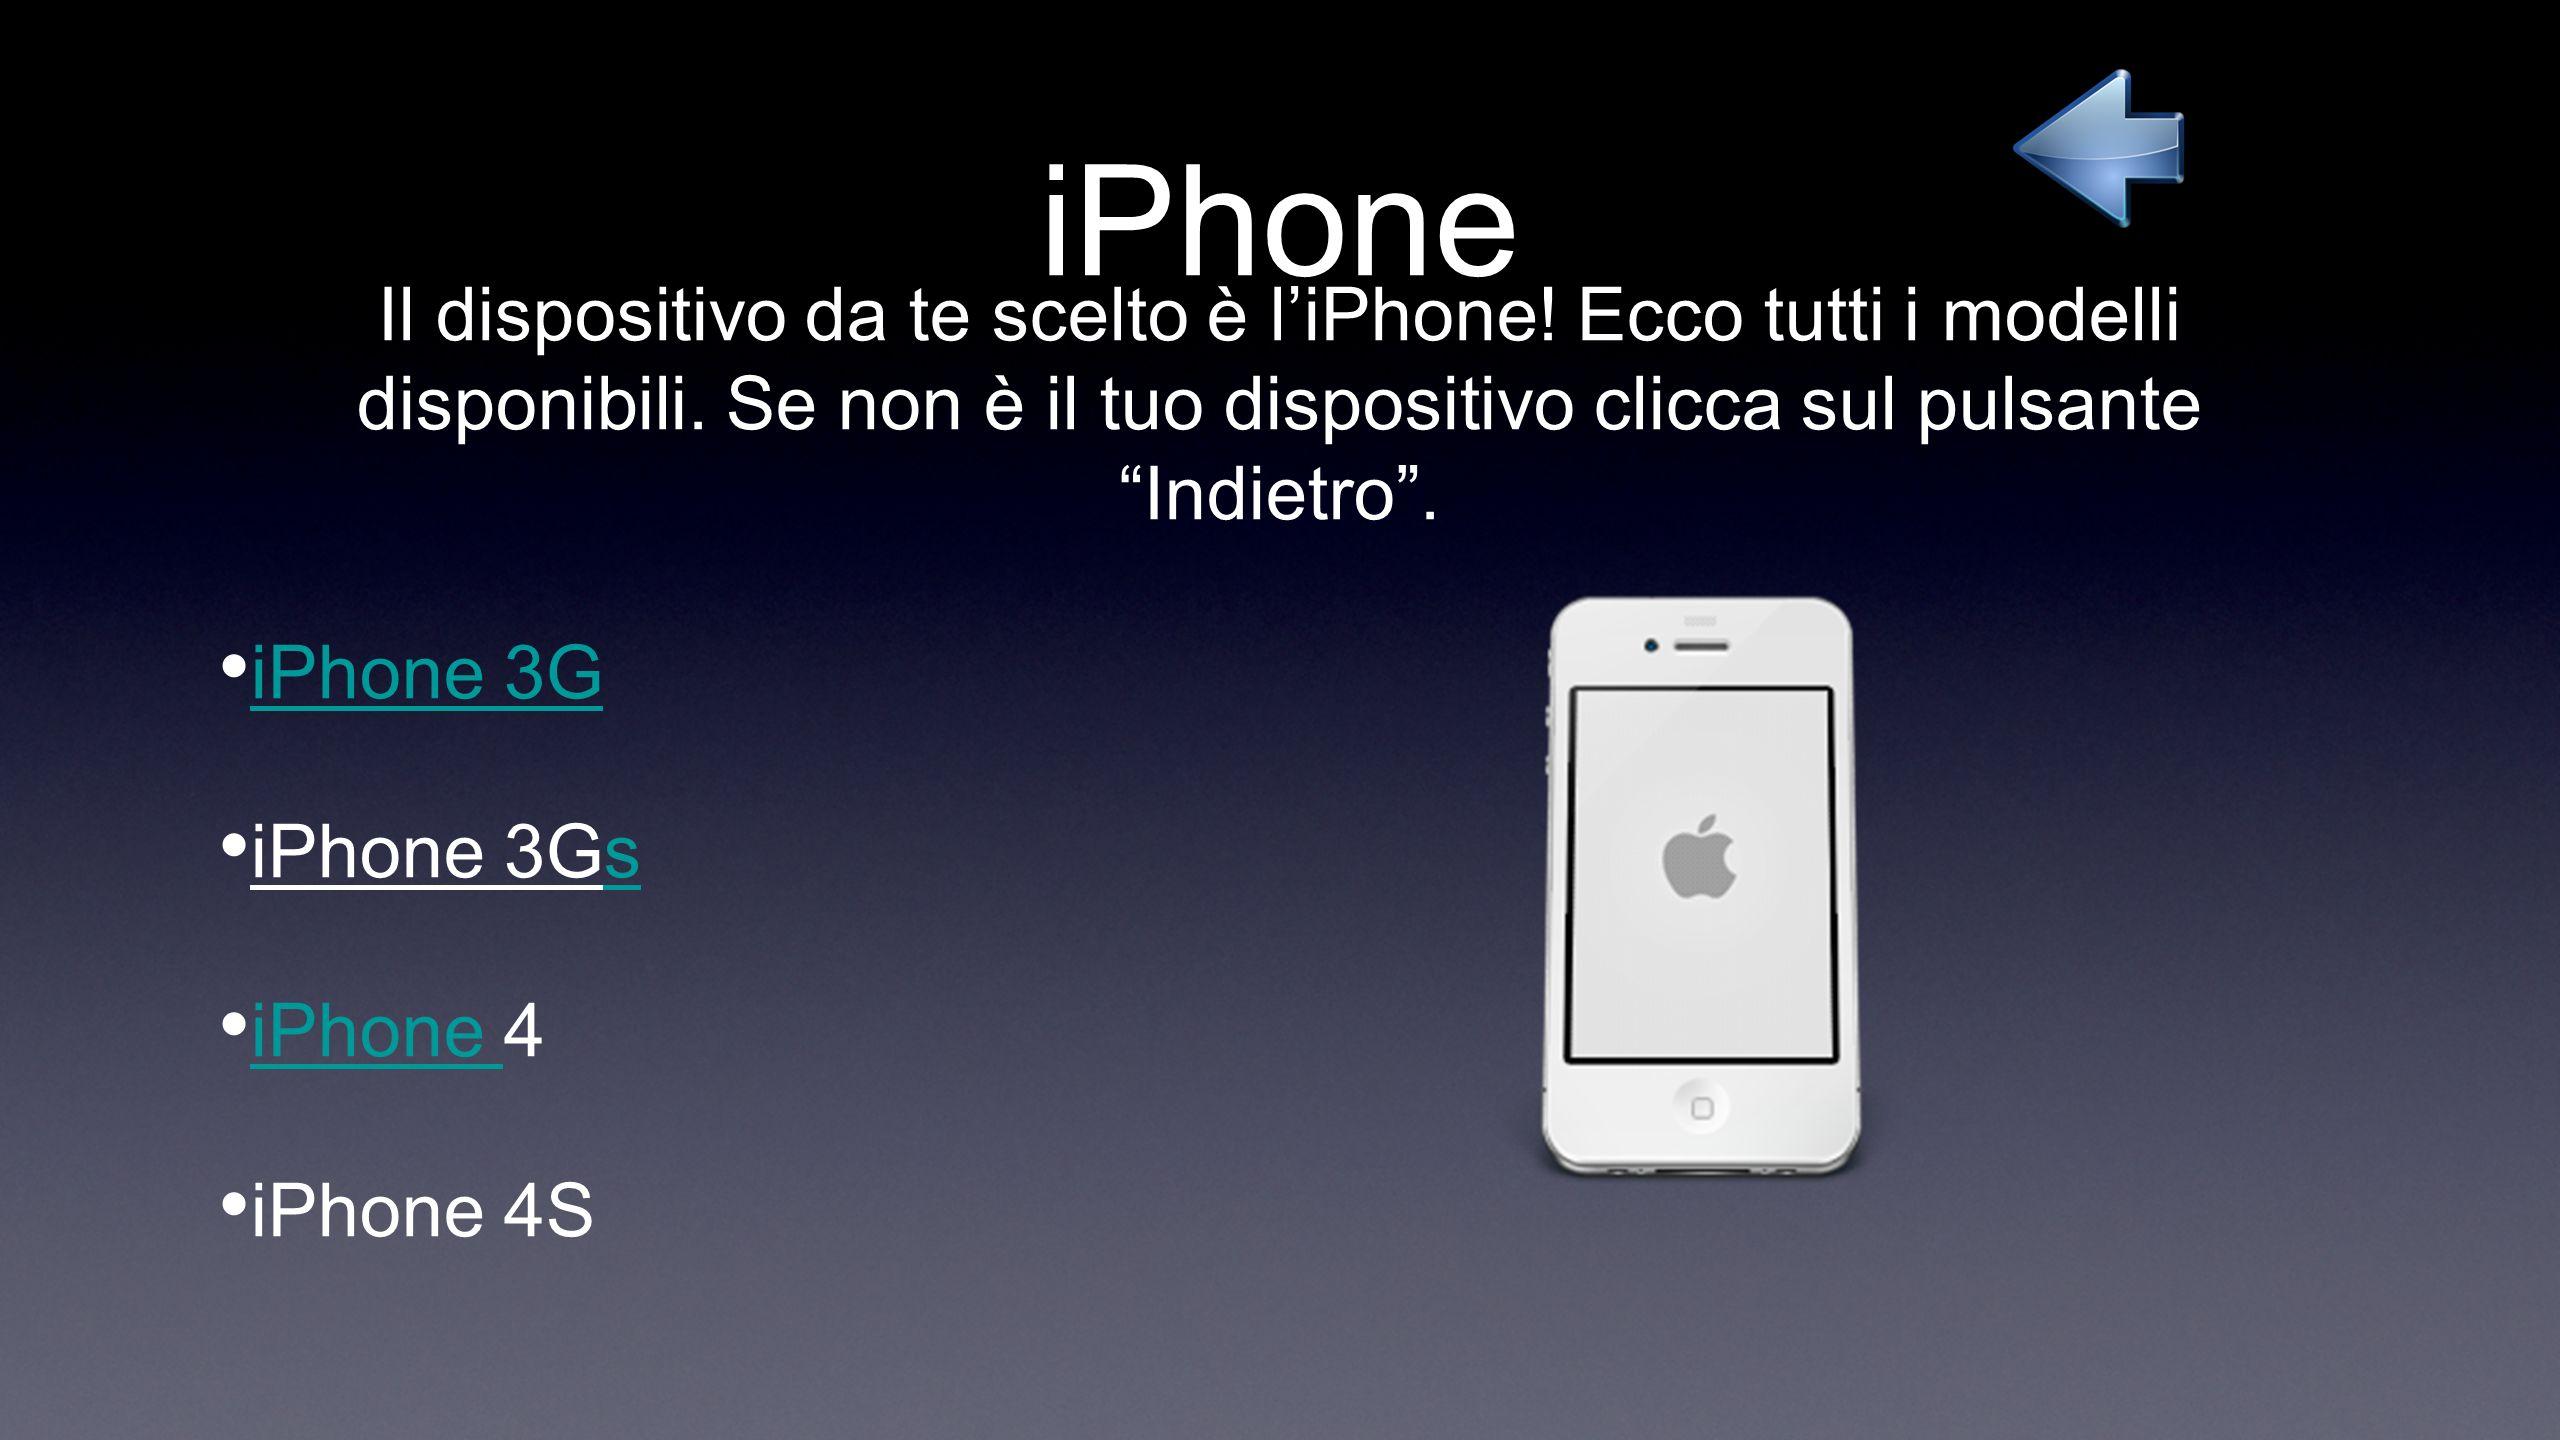 iPhone Il dispositivo da te scelto è liPhone! Ecco tutti i modelli disponibili. Se non è il tuo dispositivo clicca sul pulsante Indietro. iPhone 3G iP